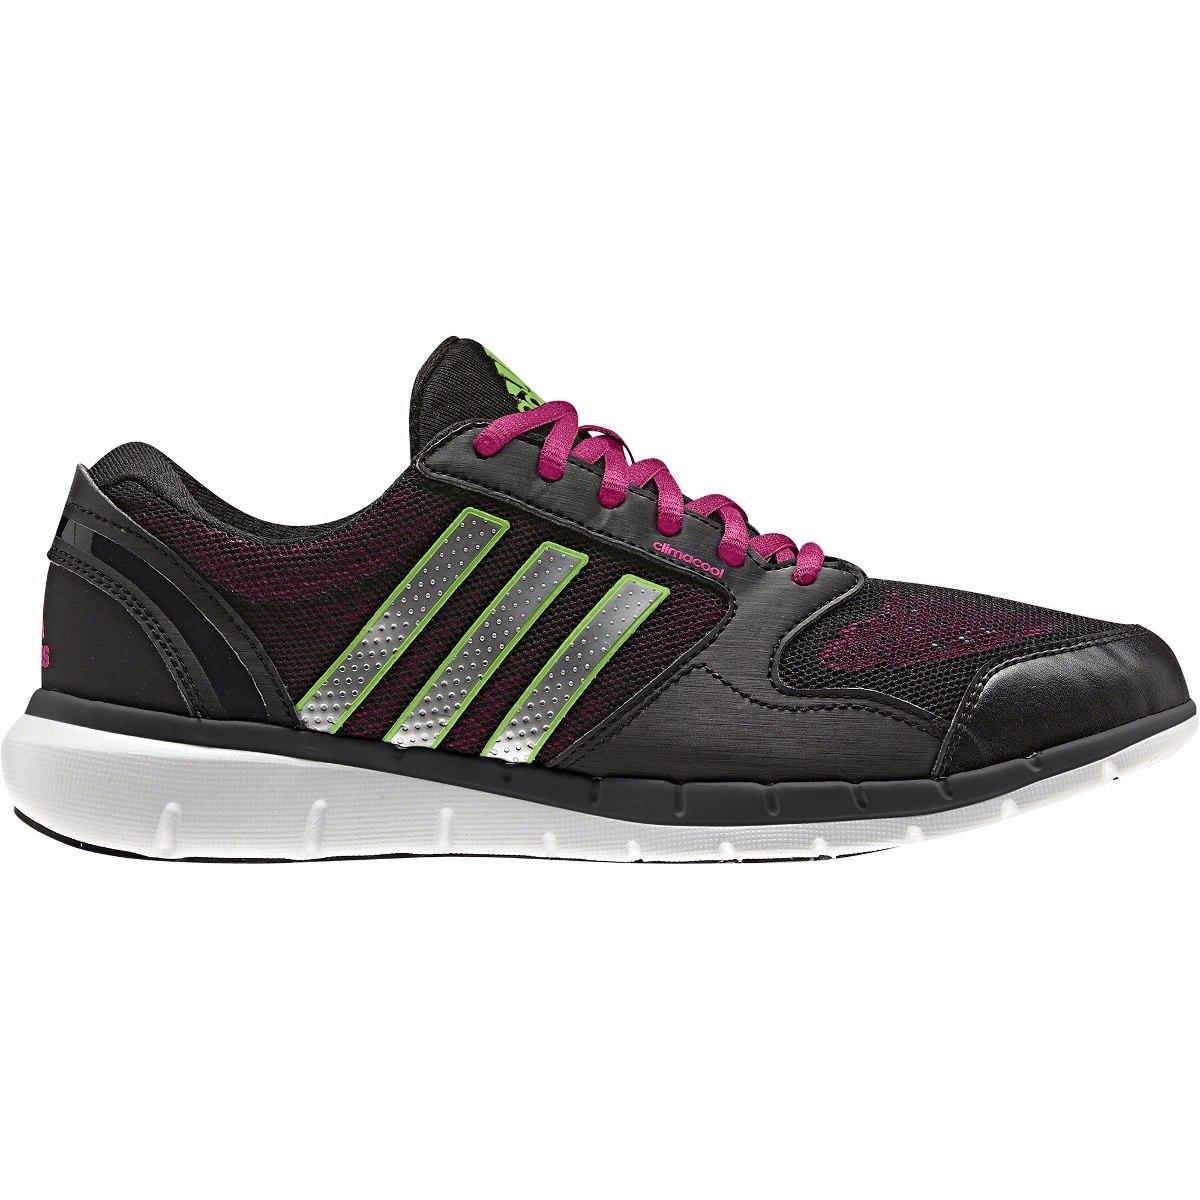 Los Los Ultimos Adidas Ultimos Los Adidas Zapatos Adidas Zapatos Modelos Modelos Zapatos Adidas Ultimos Zapatos Modelos qA1AxO